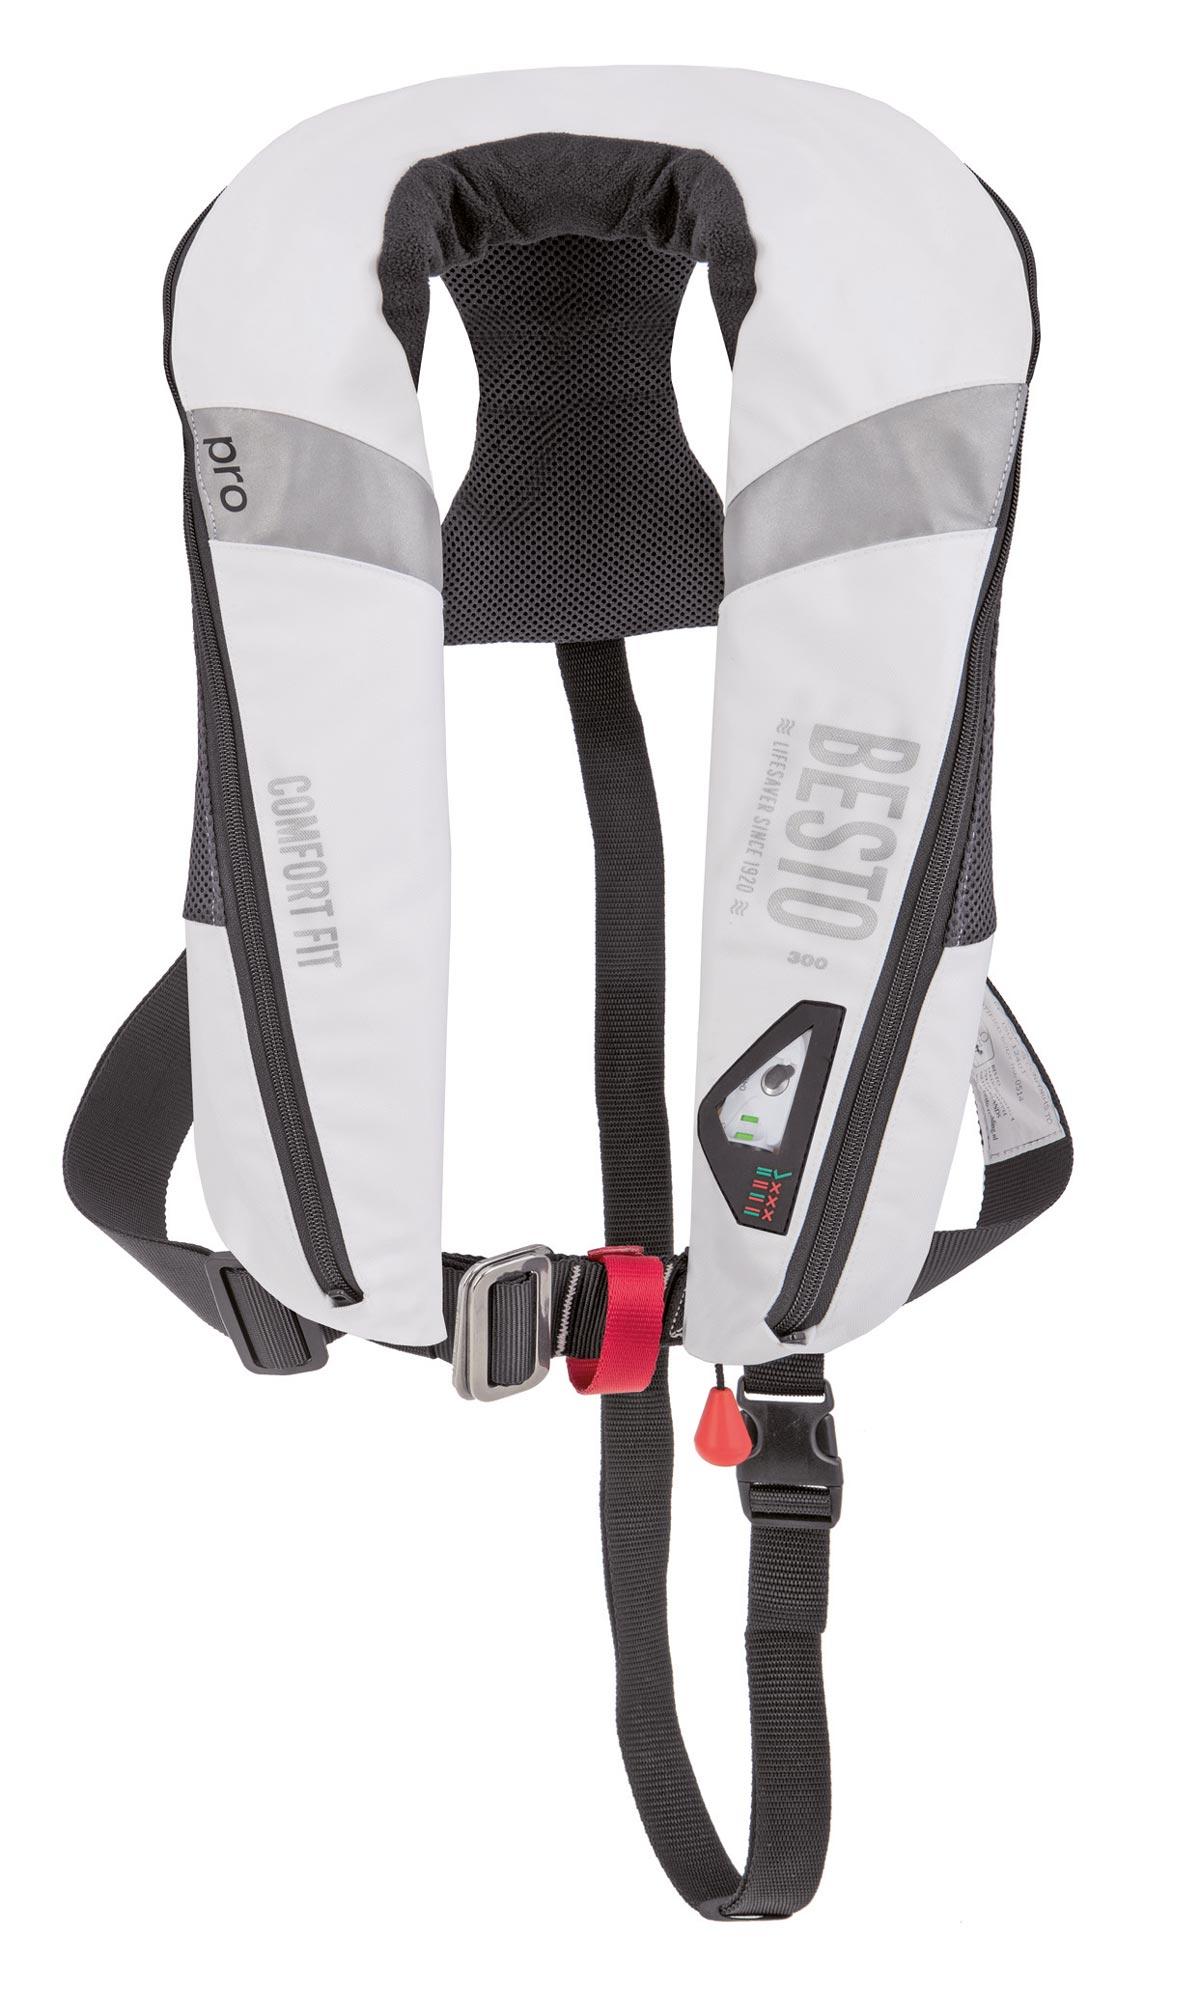 Besto Comfort Fit Pro 300N Rettungsweste weiß